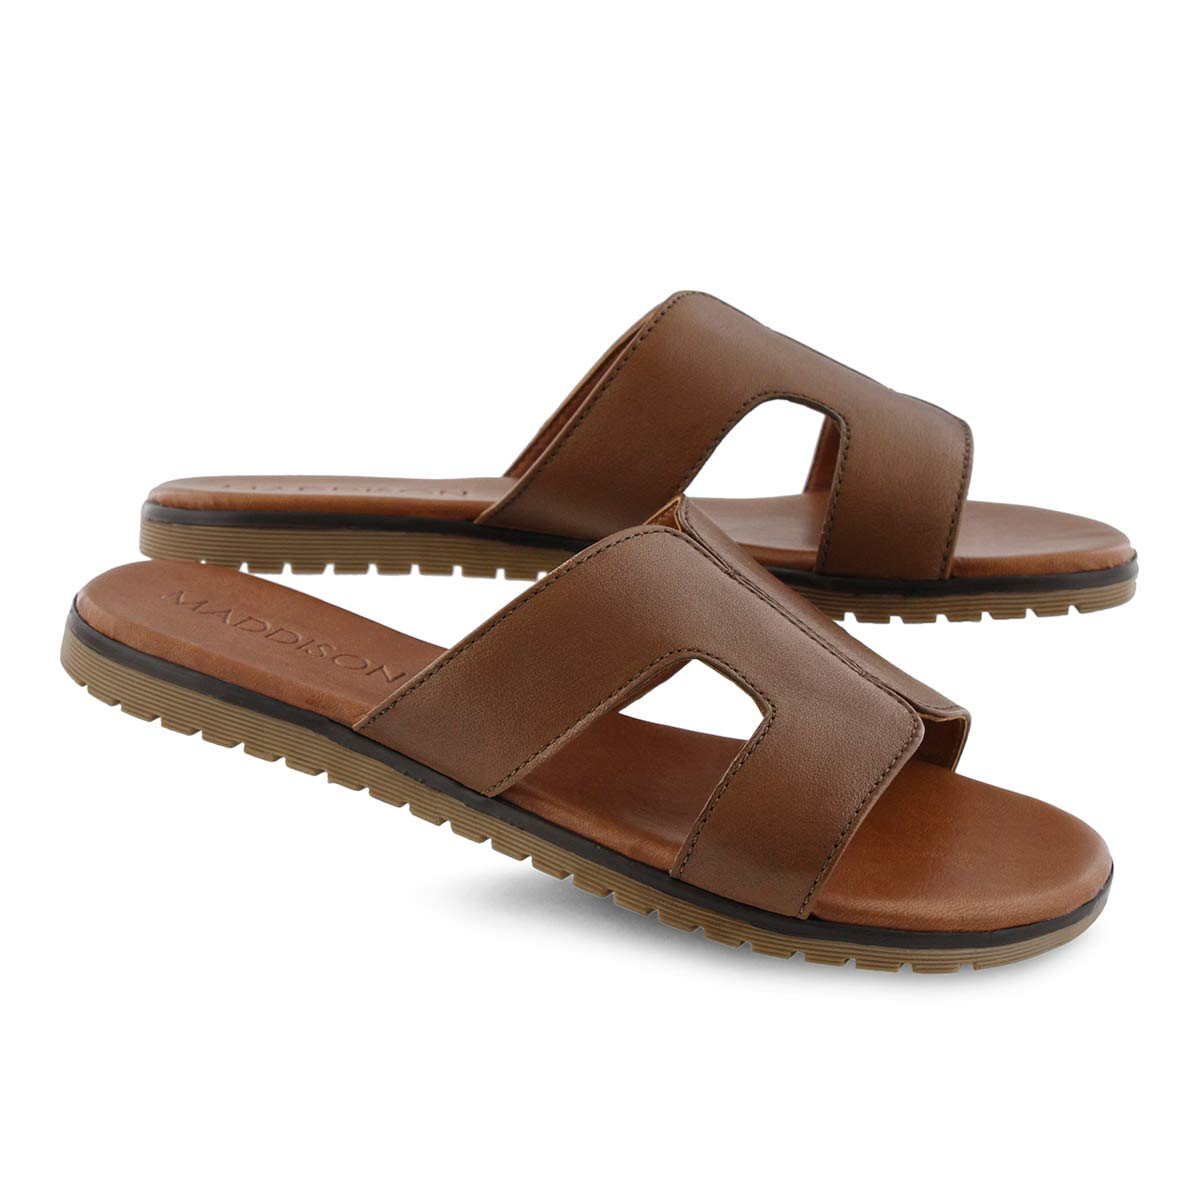 Lds Gillian tan slide sandal